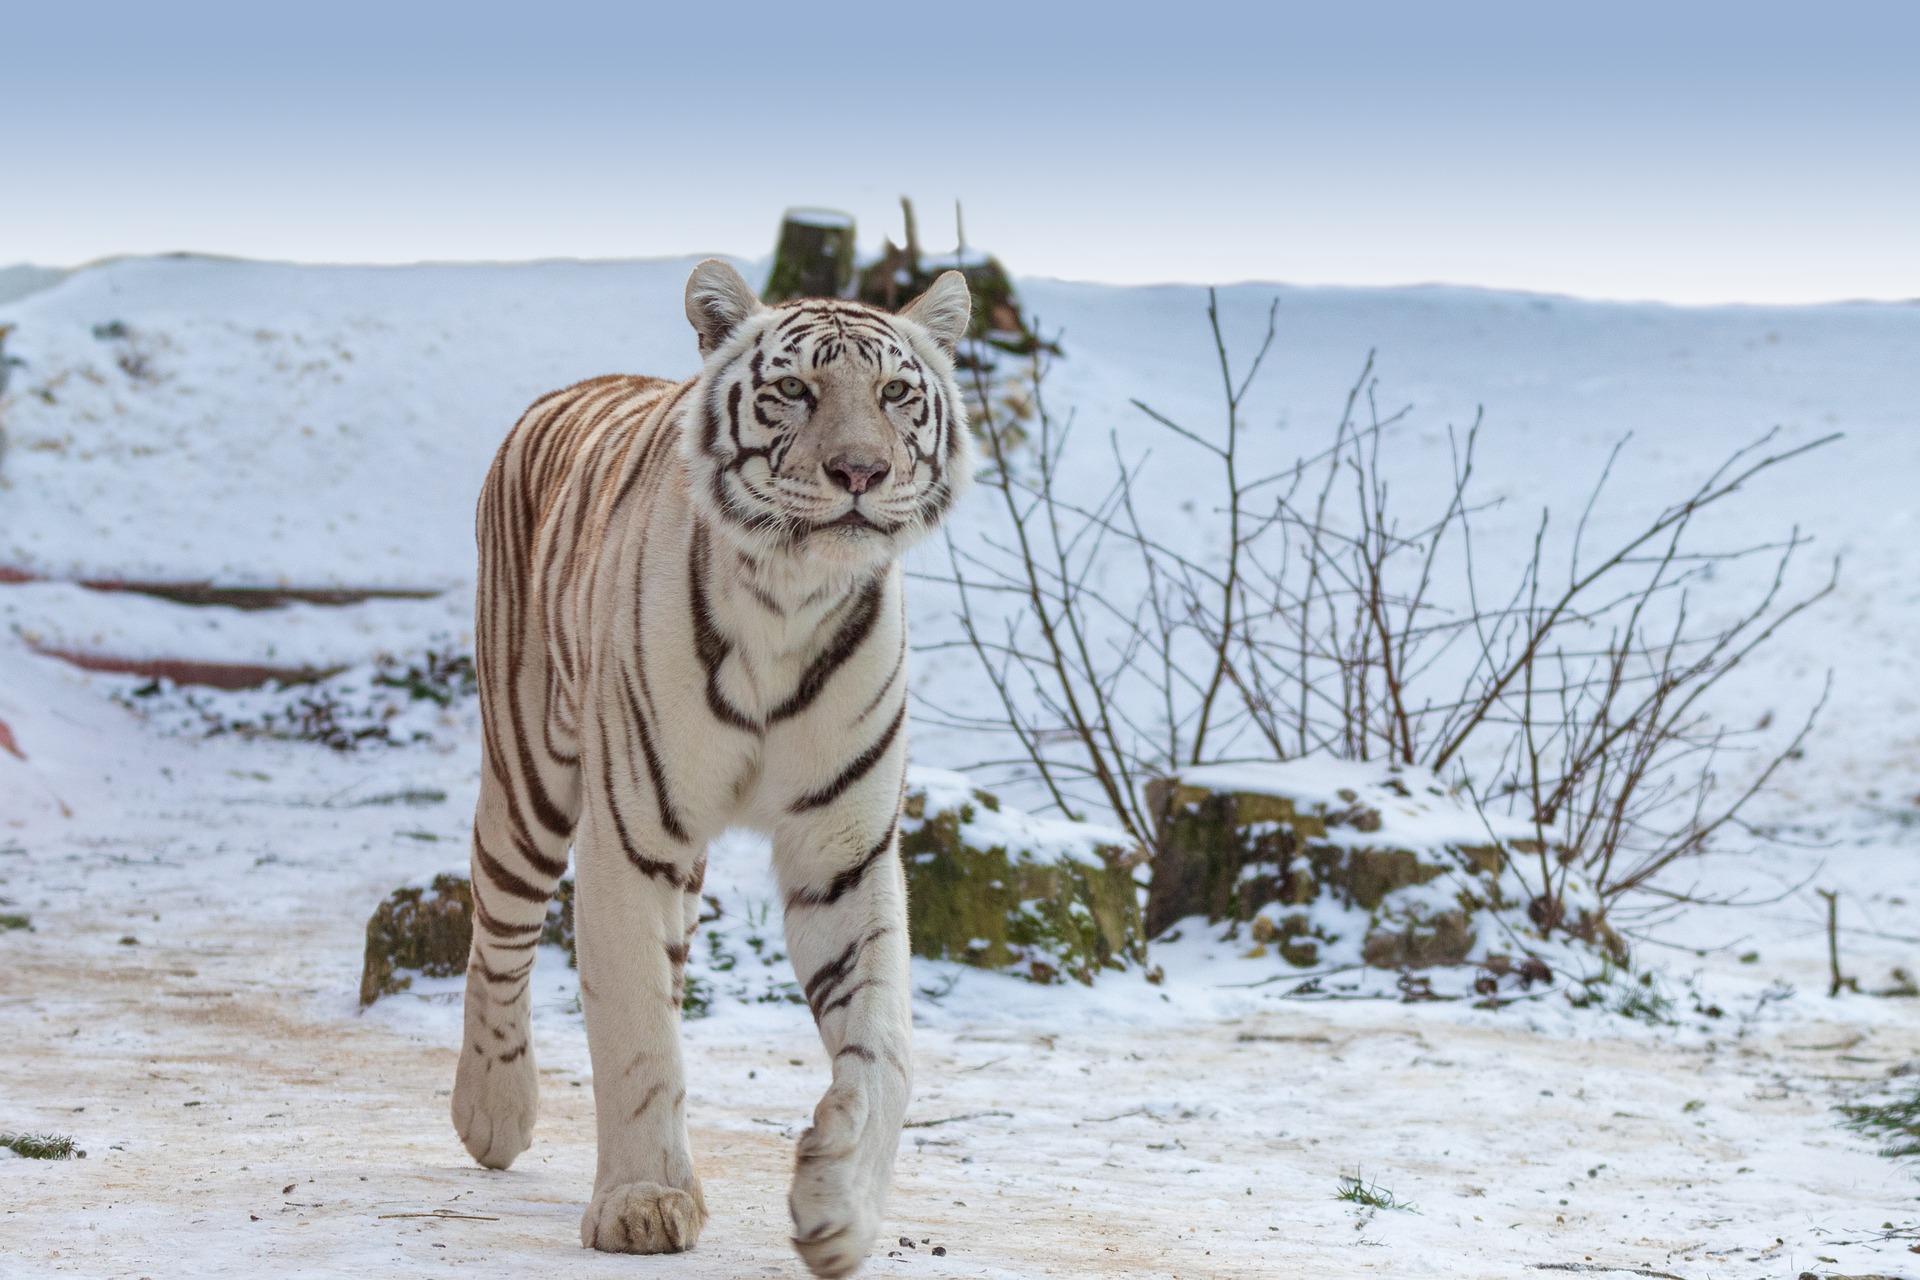 tiger-3918450_1920